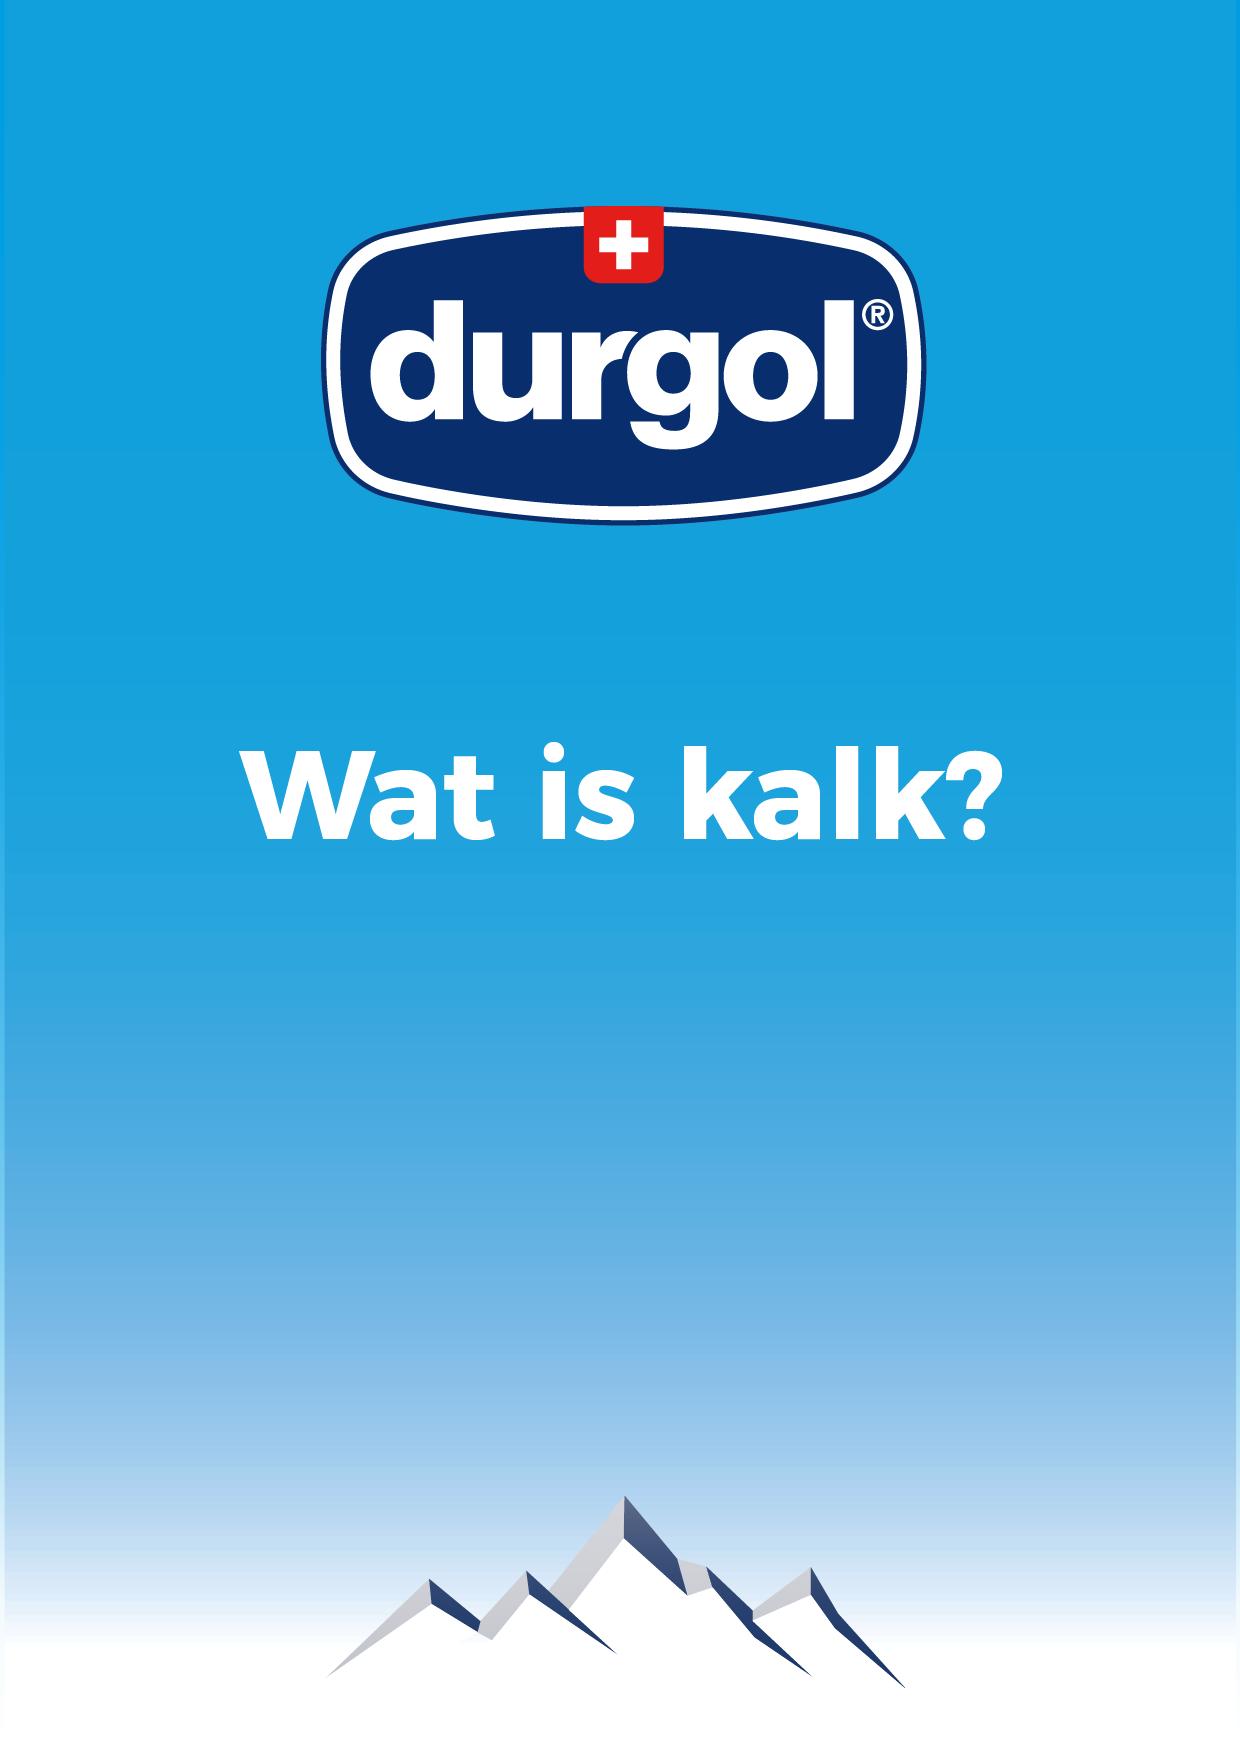 De durgol flyer: Wat is kalk?